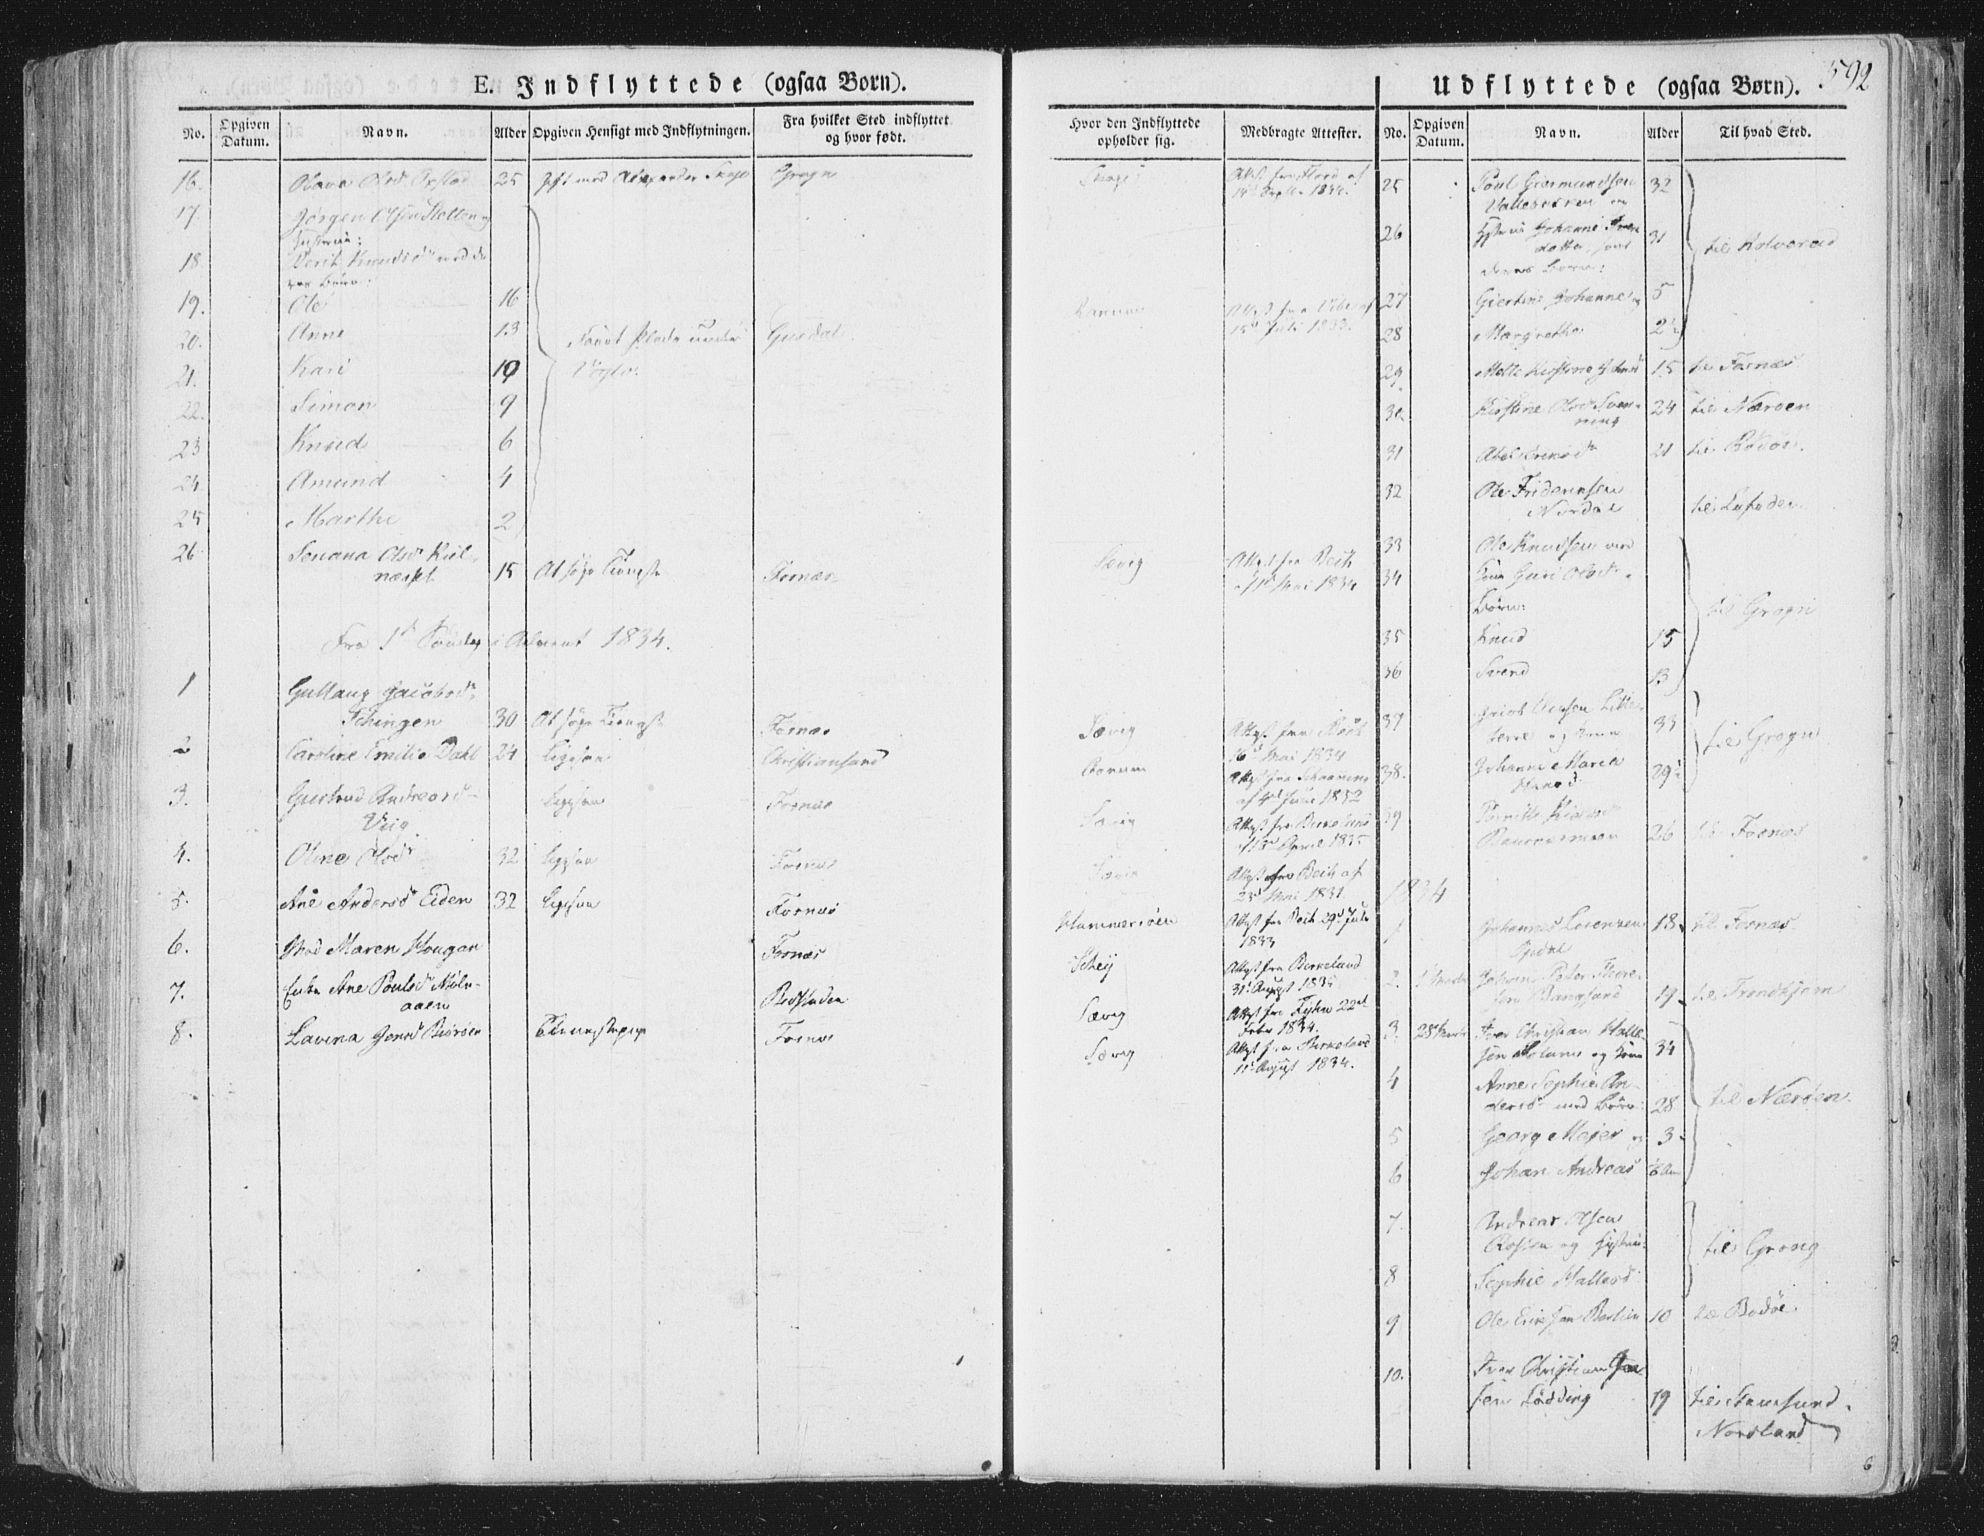 SAT, Ministerialprotokoller, klokkerbøker og fødselsregistre - Nord-Trøndelag, 764/L0552: Ministerialbok nr. 764A07b, 1824-1865, s. 592